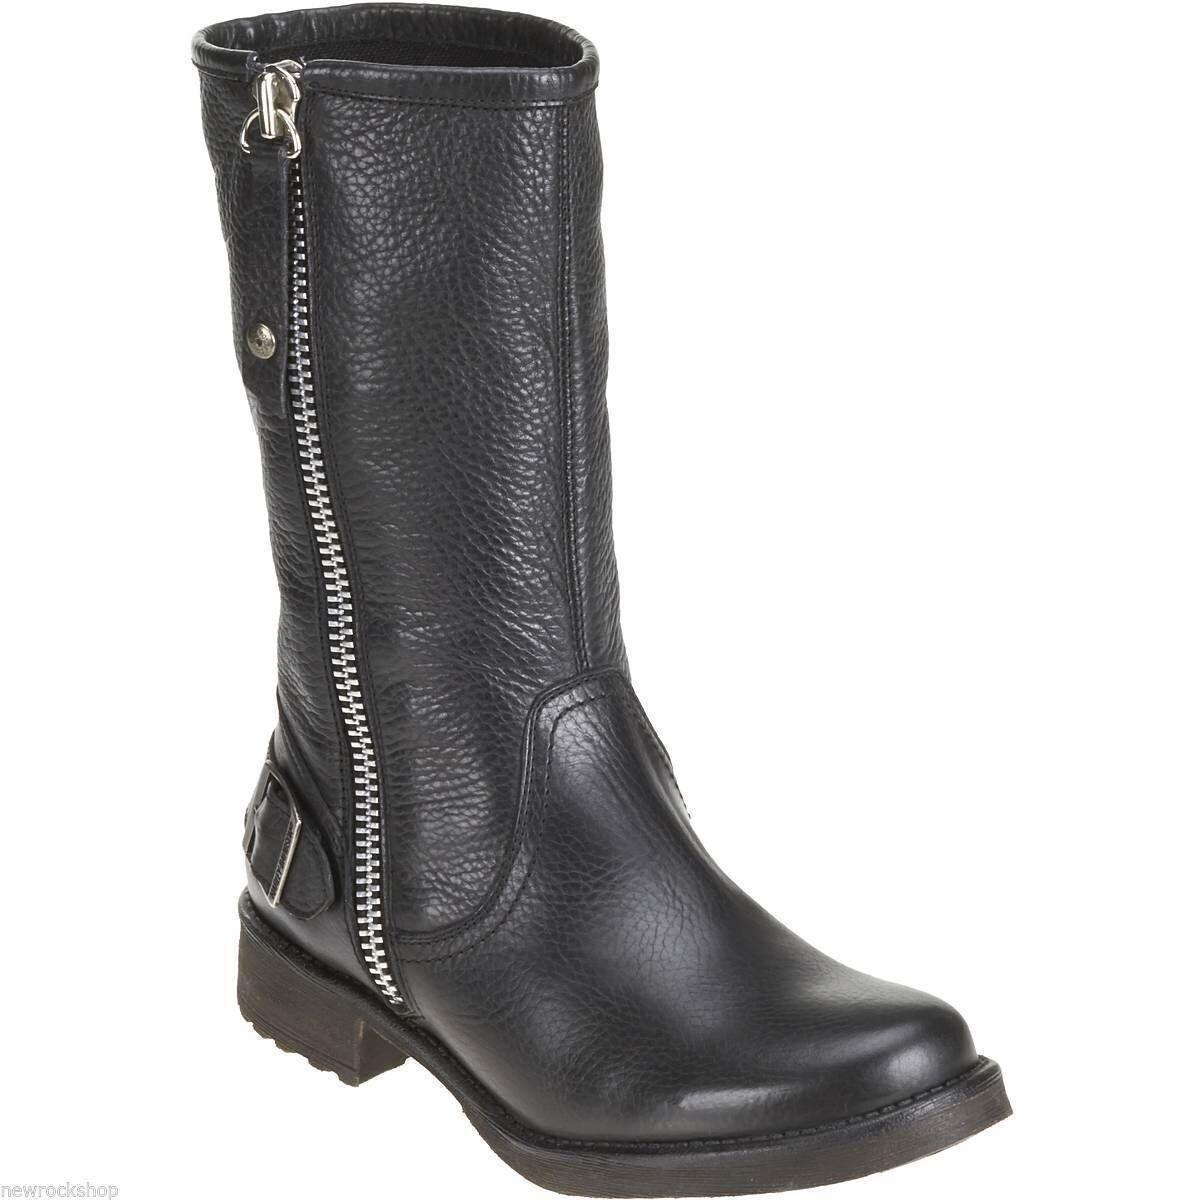 Grandes zapatos con descuento MUJER HARLEY DAVIDSON baisley Cuero Negro Hasta Media Pantorrilla